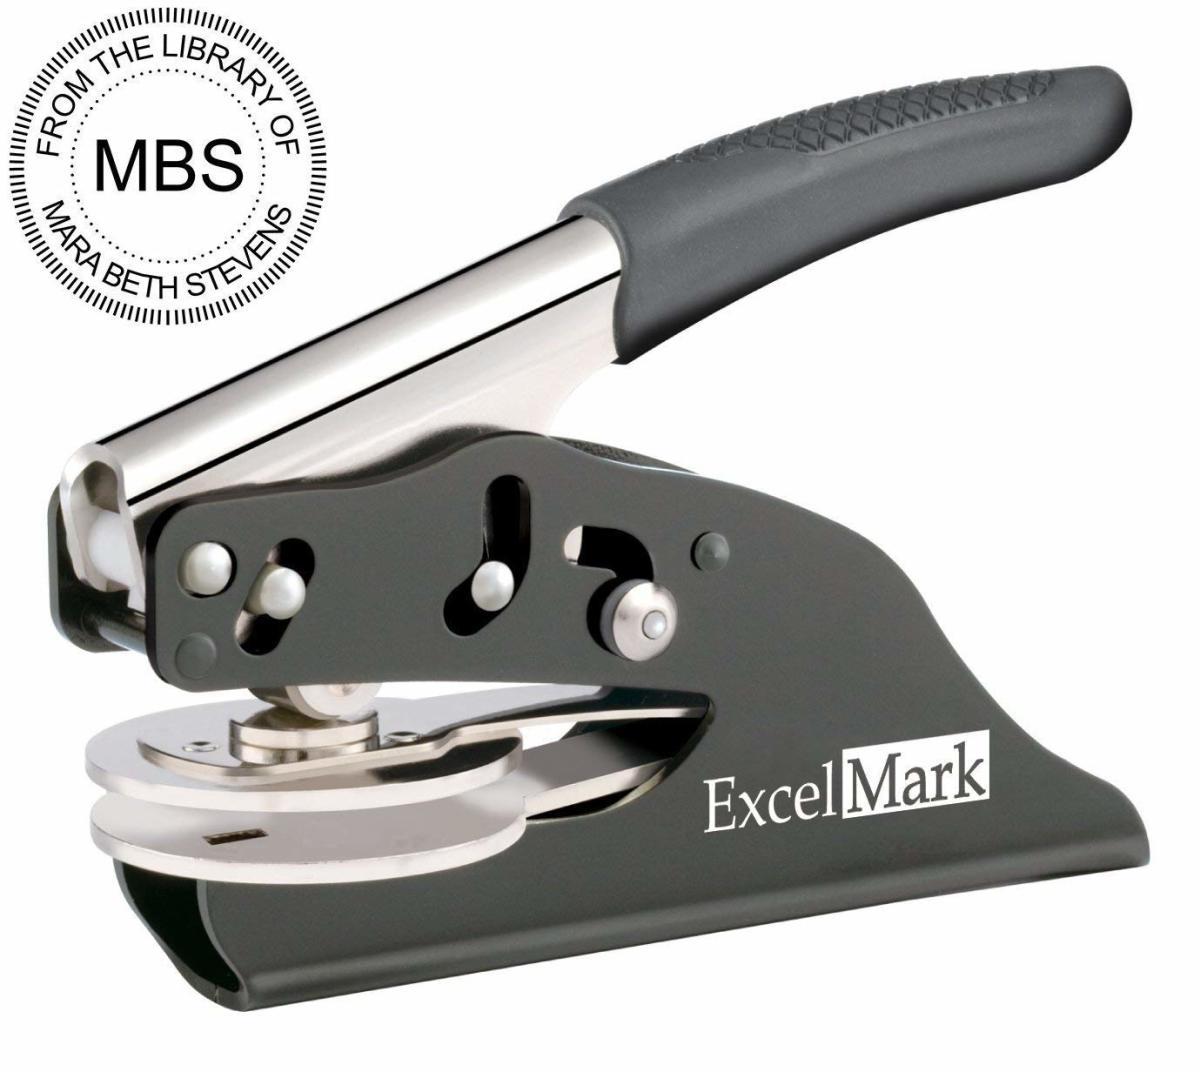 ExcelMark Personal Hand Embosser